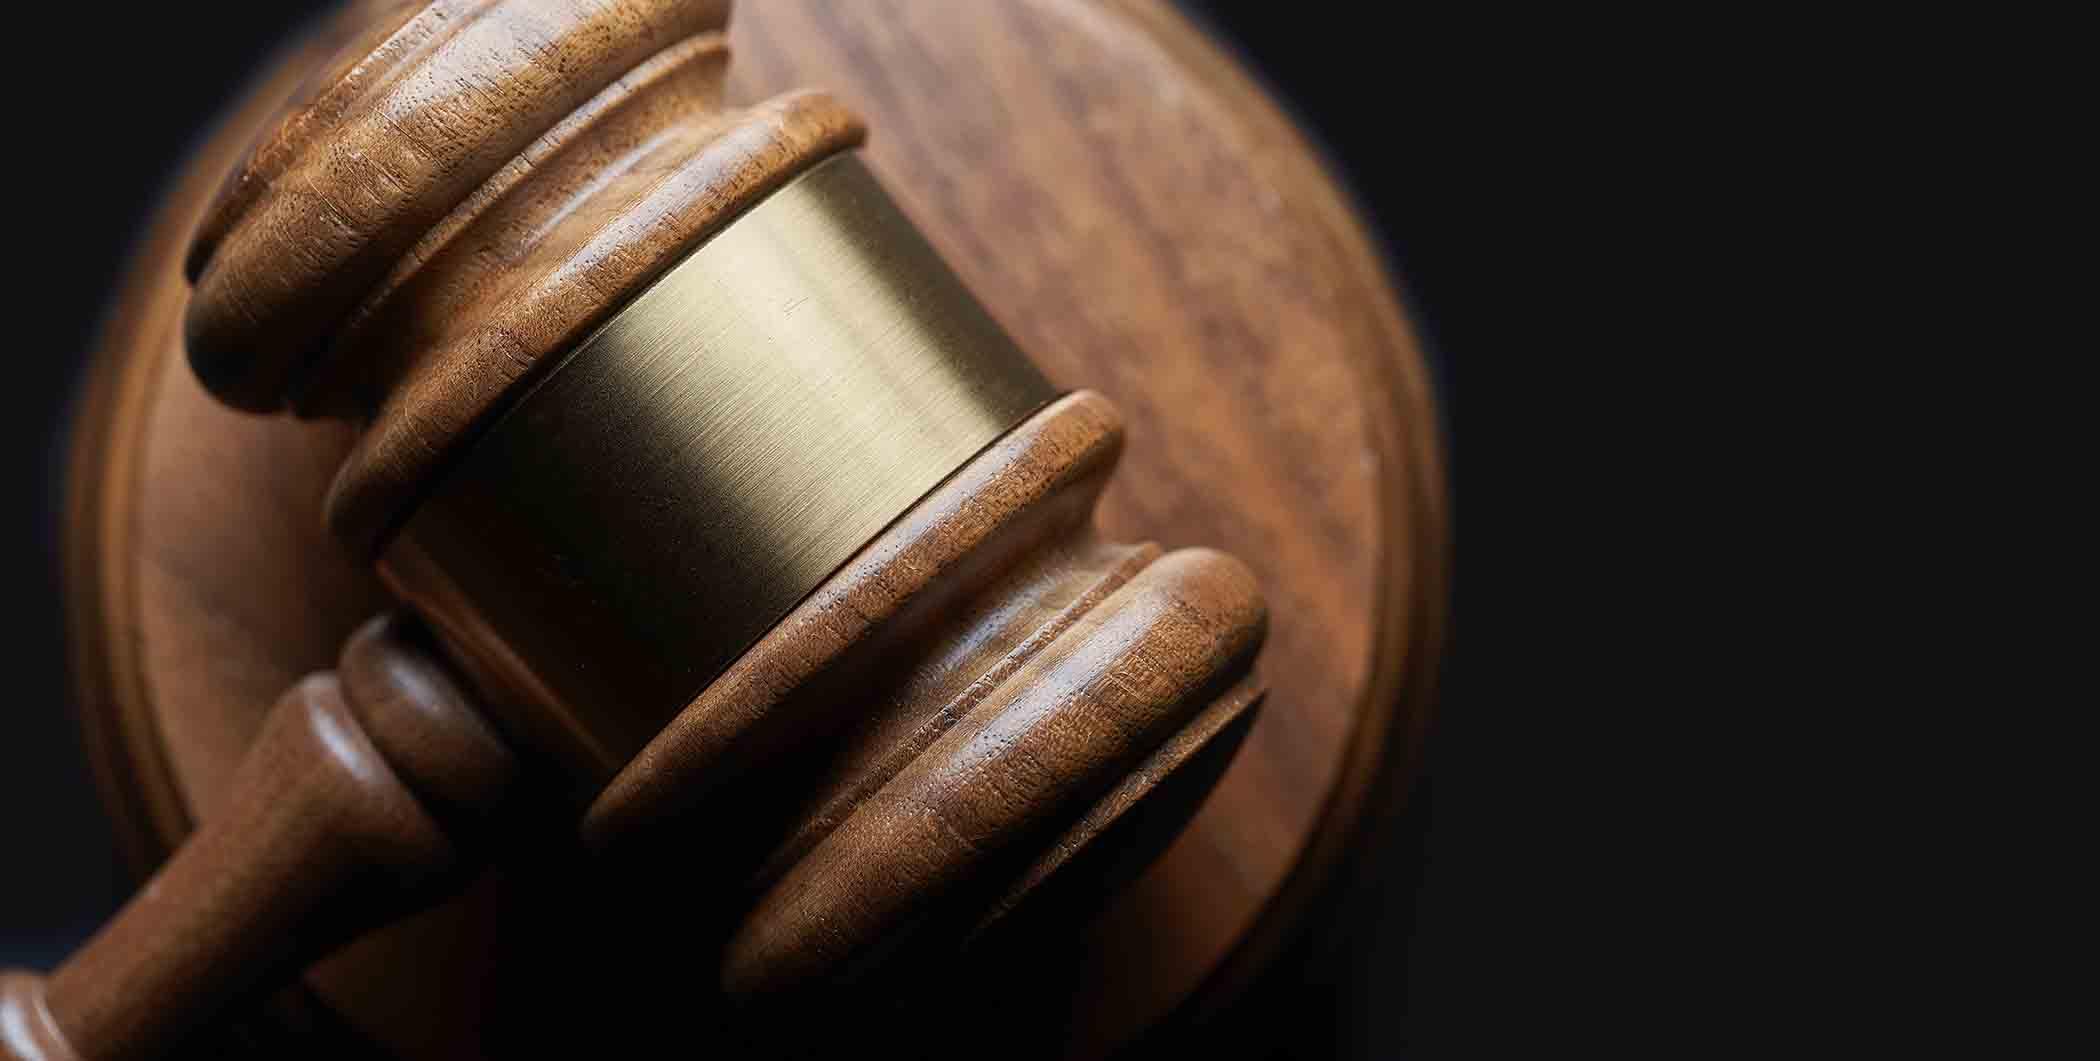 comprar en subasta judicial